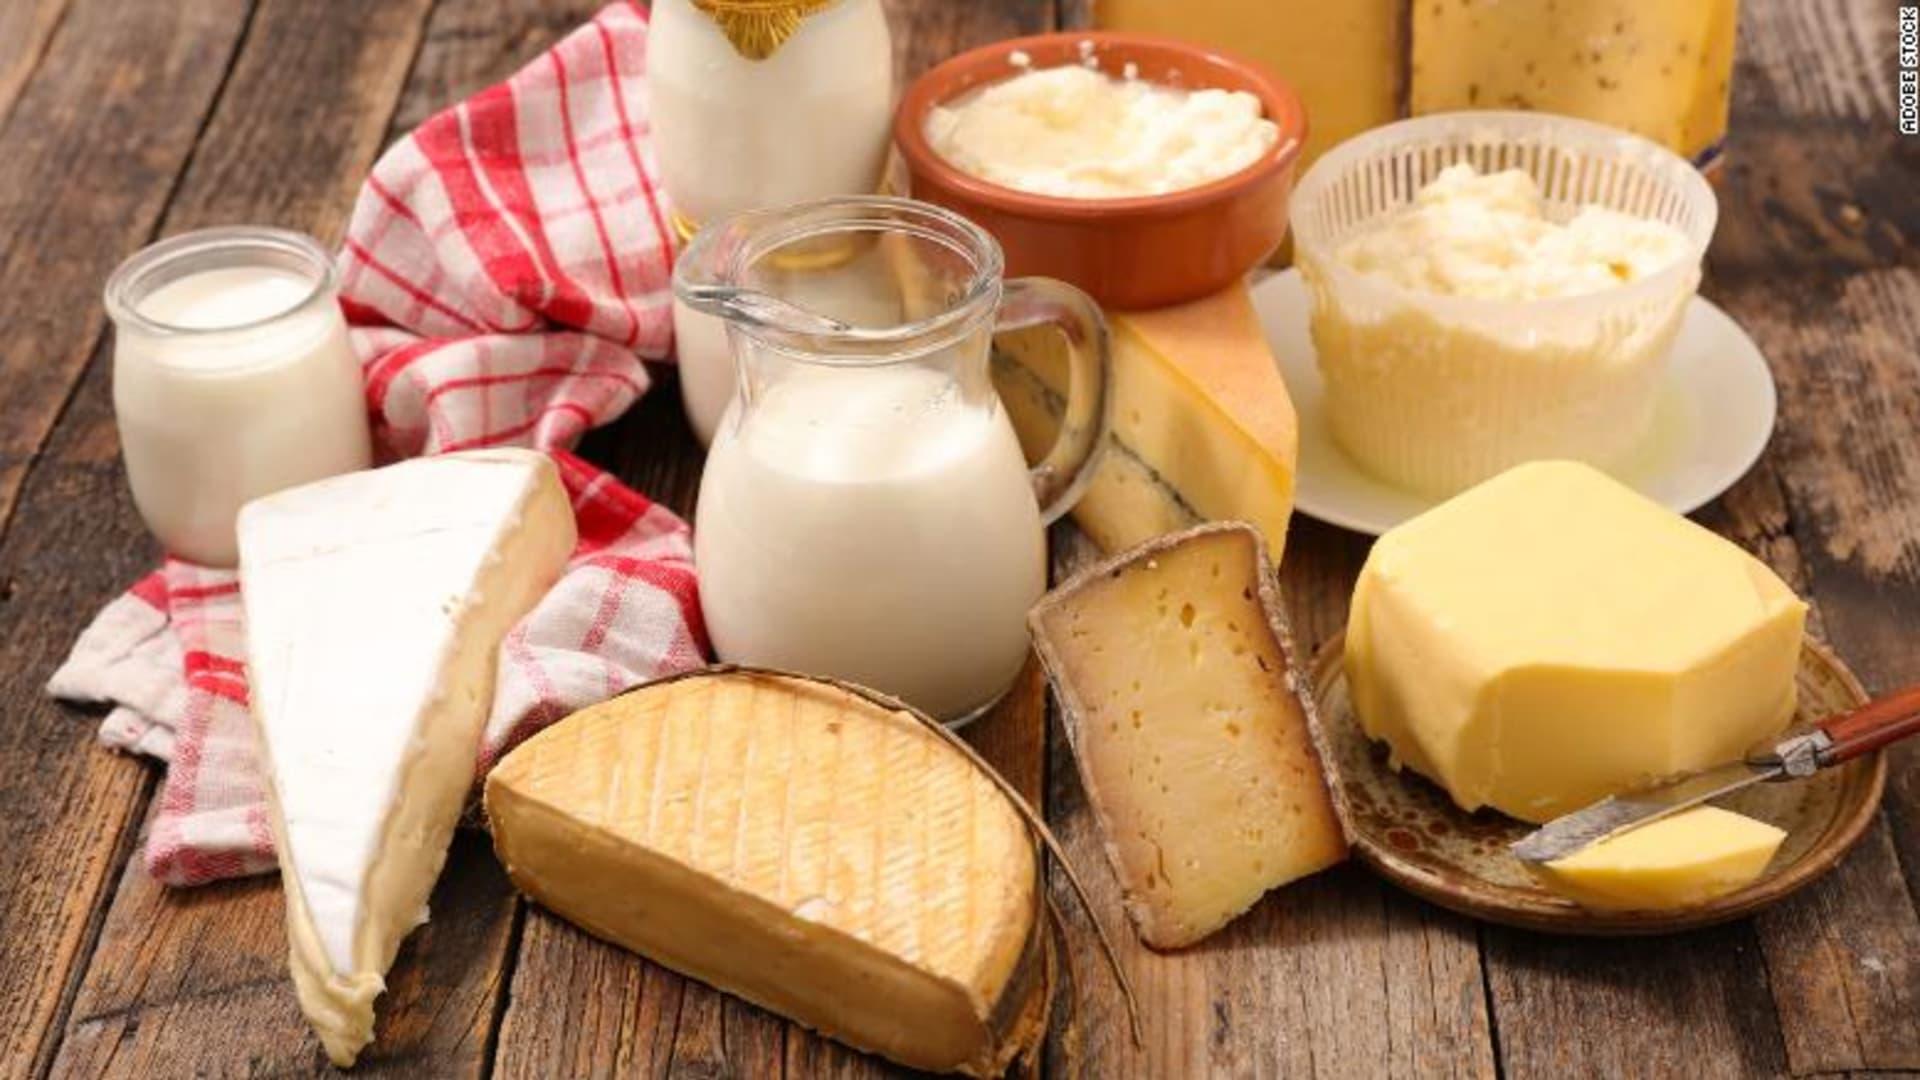 لعشاق تناول مشتقات الحليب الدسمة: اطمئنوا على قلوبكم